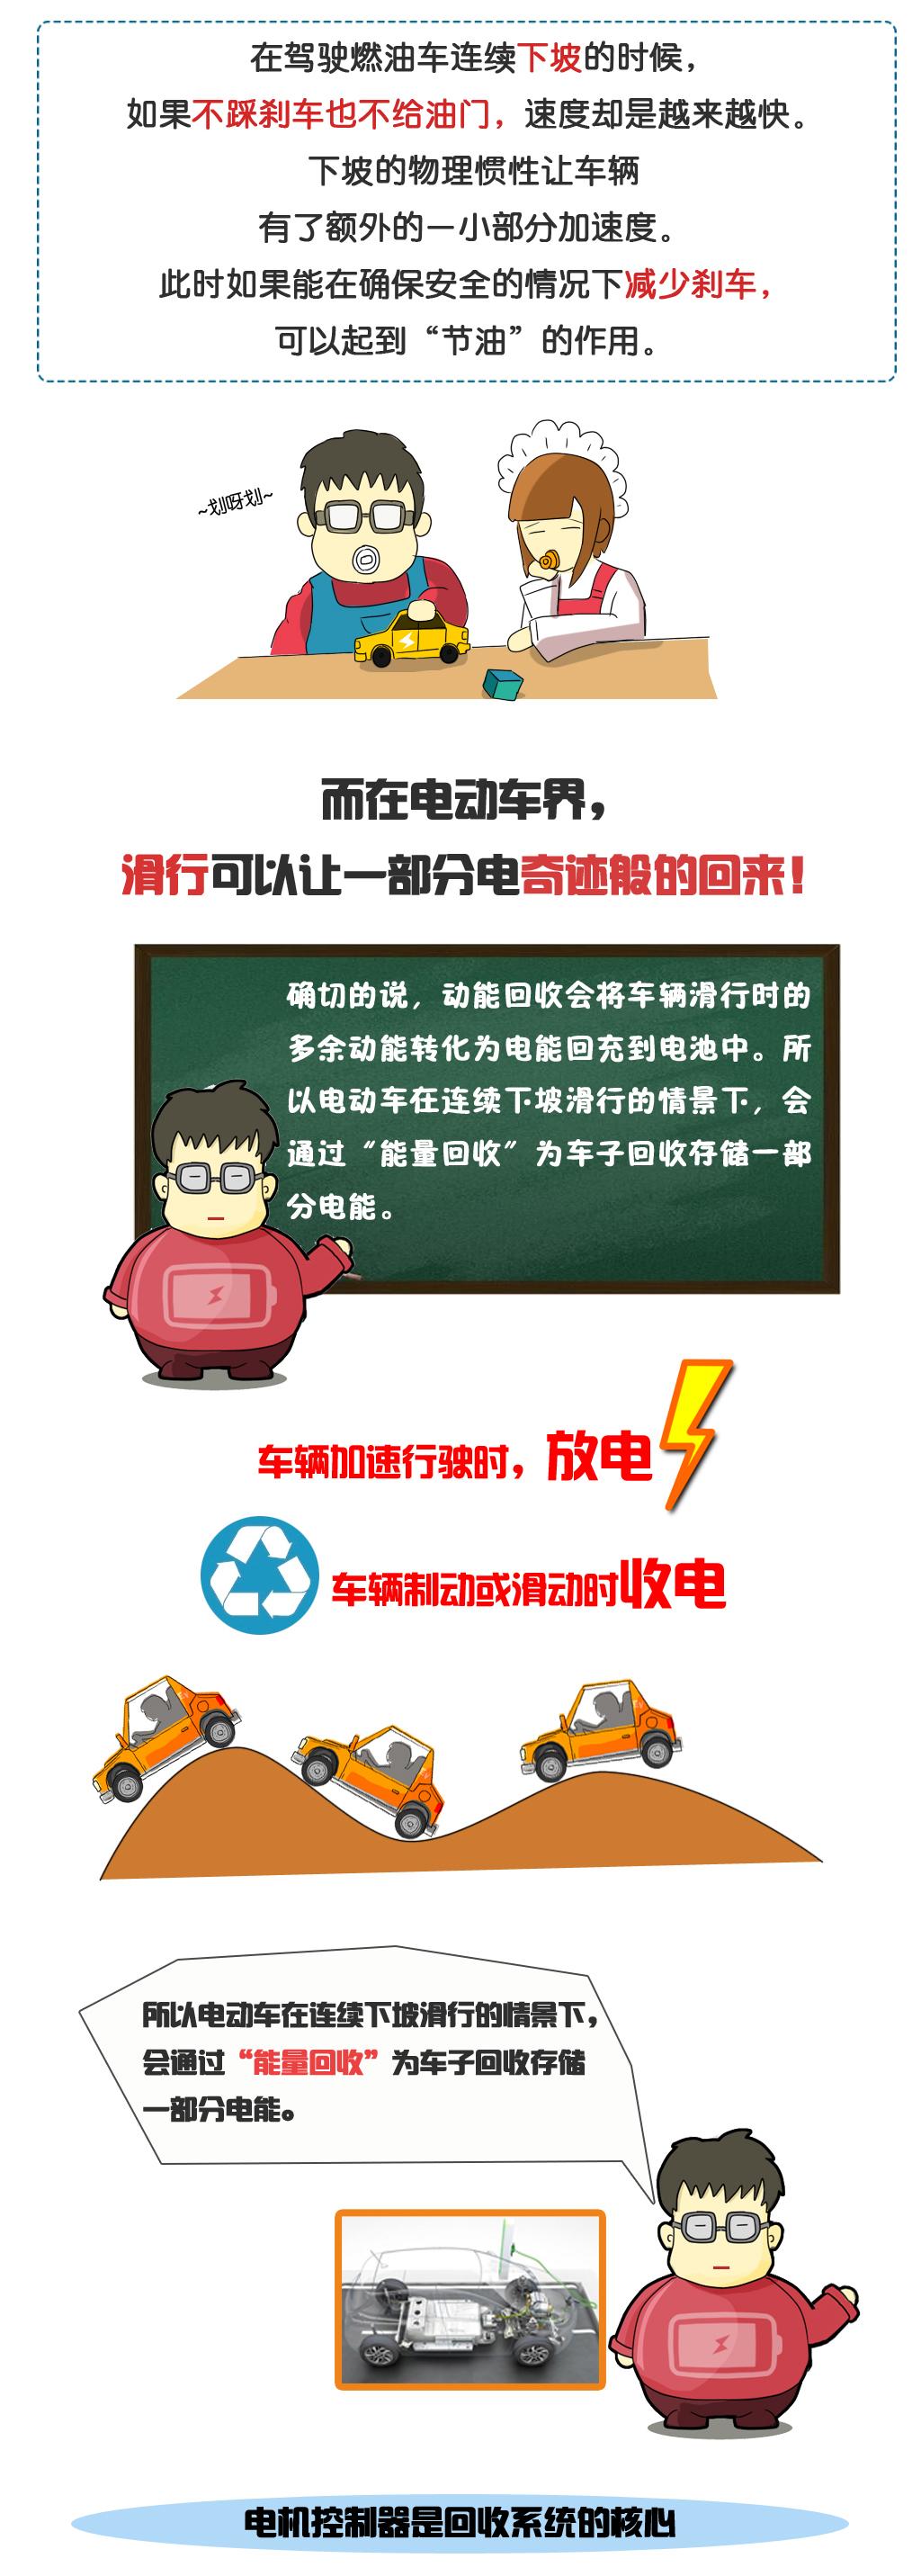 動能回收修改版2 副本 2.jpg